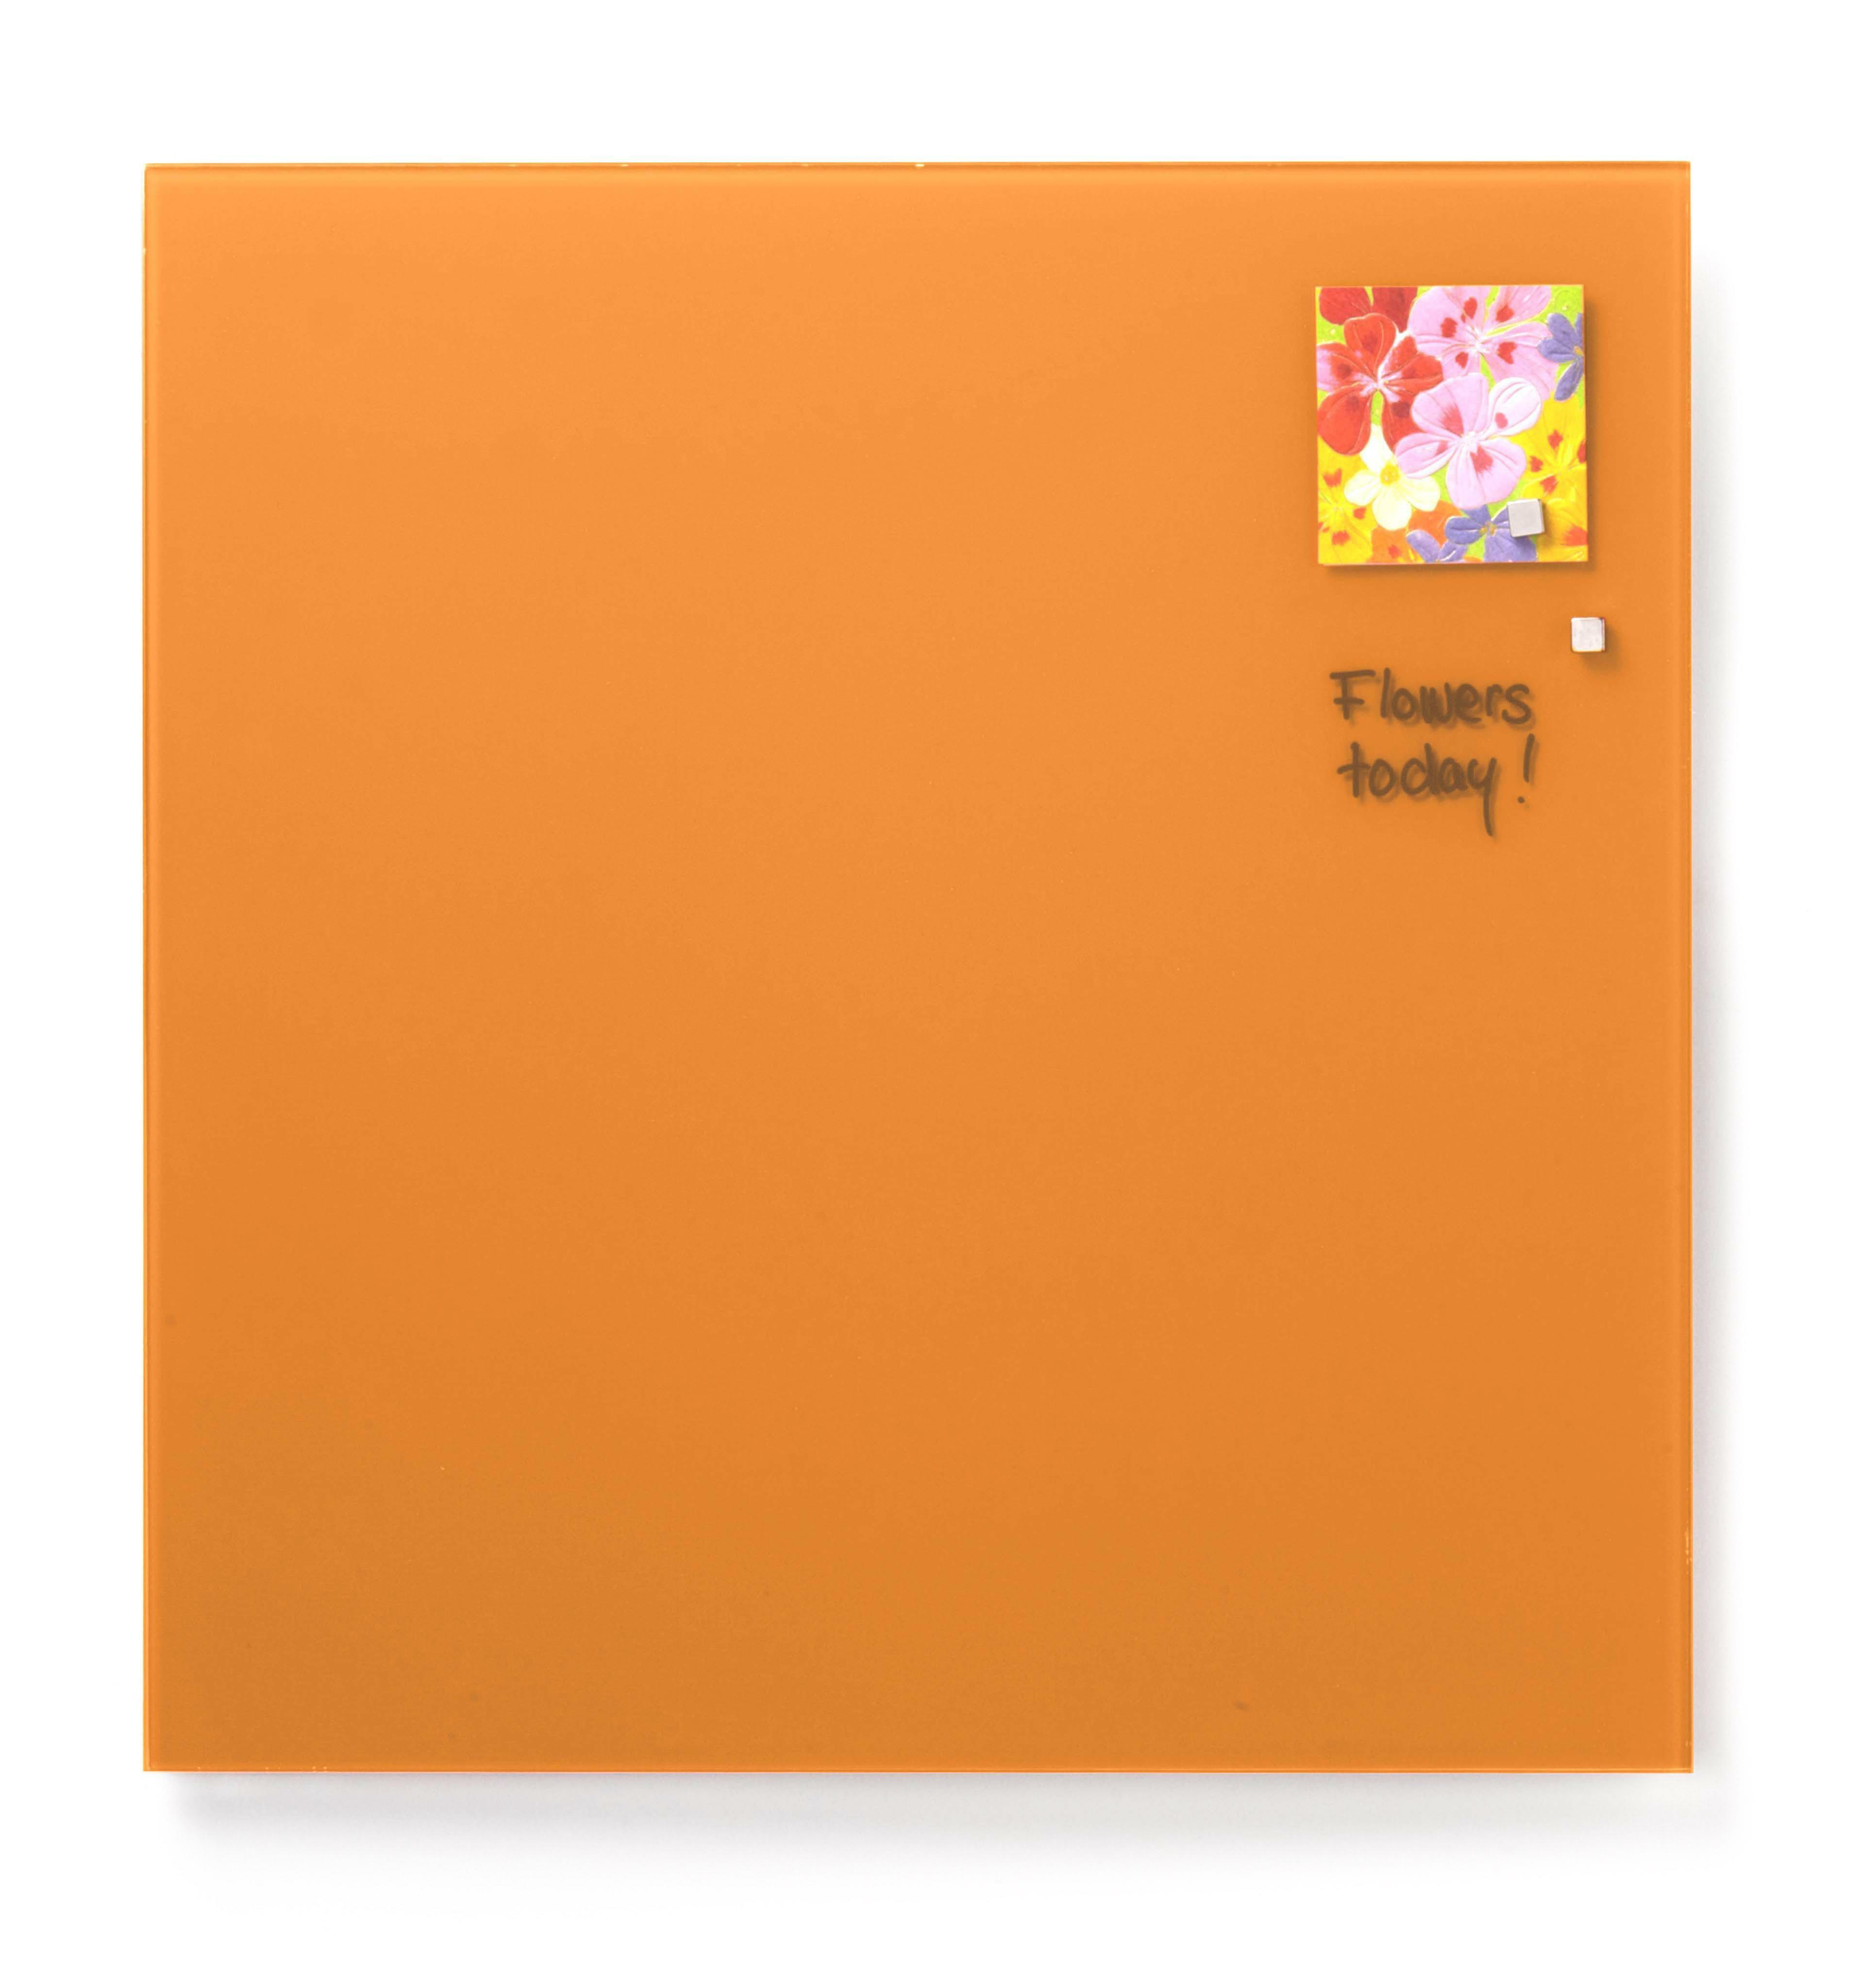 Tabule magnetické skleněné - 45 x 45 cm / oranžová